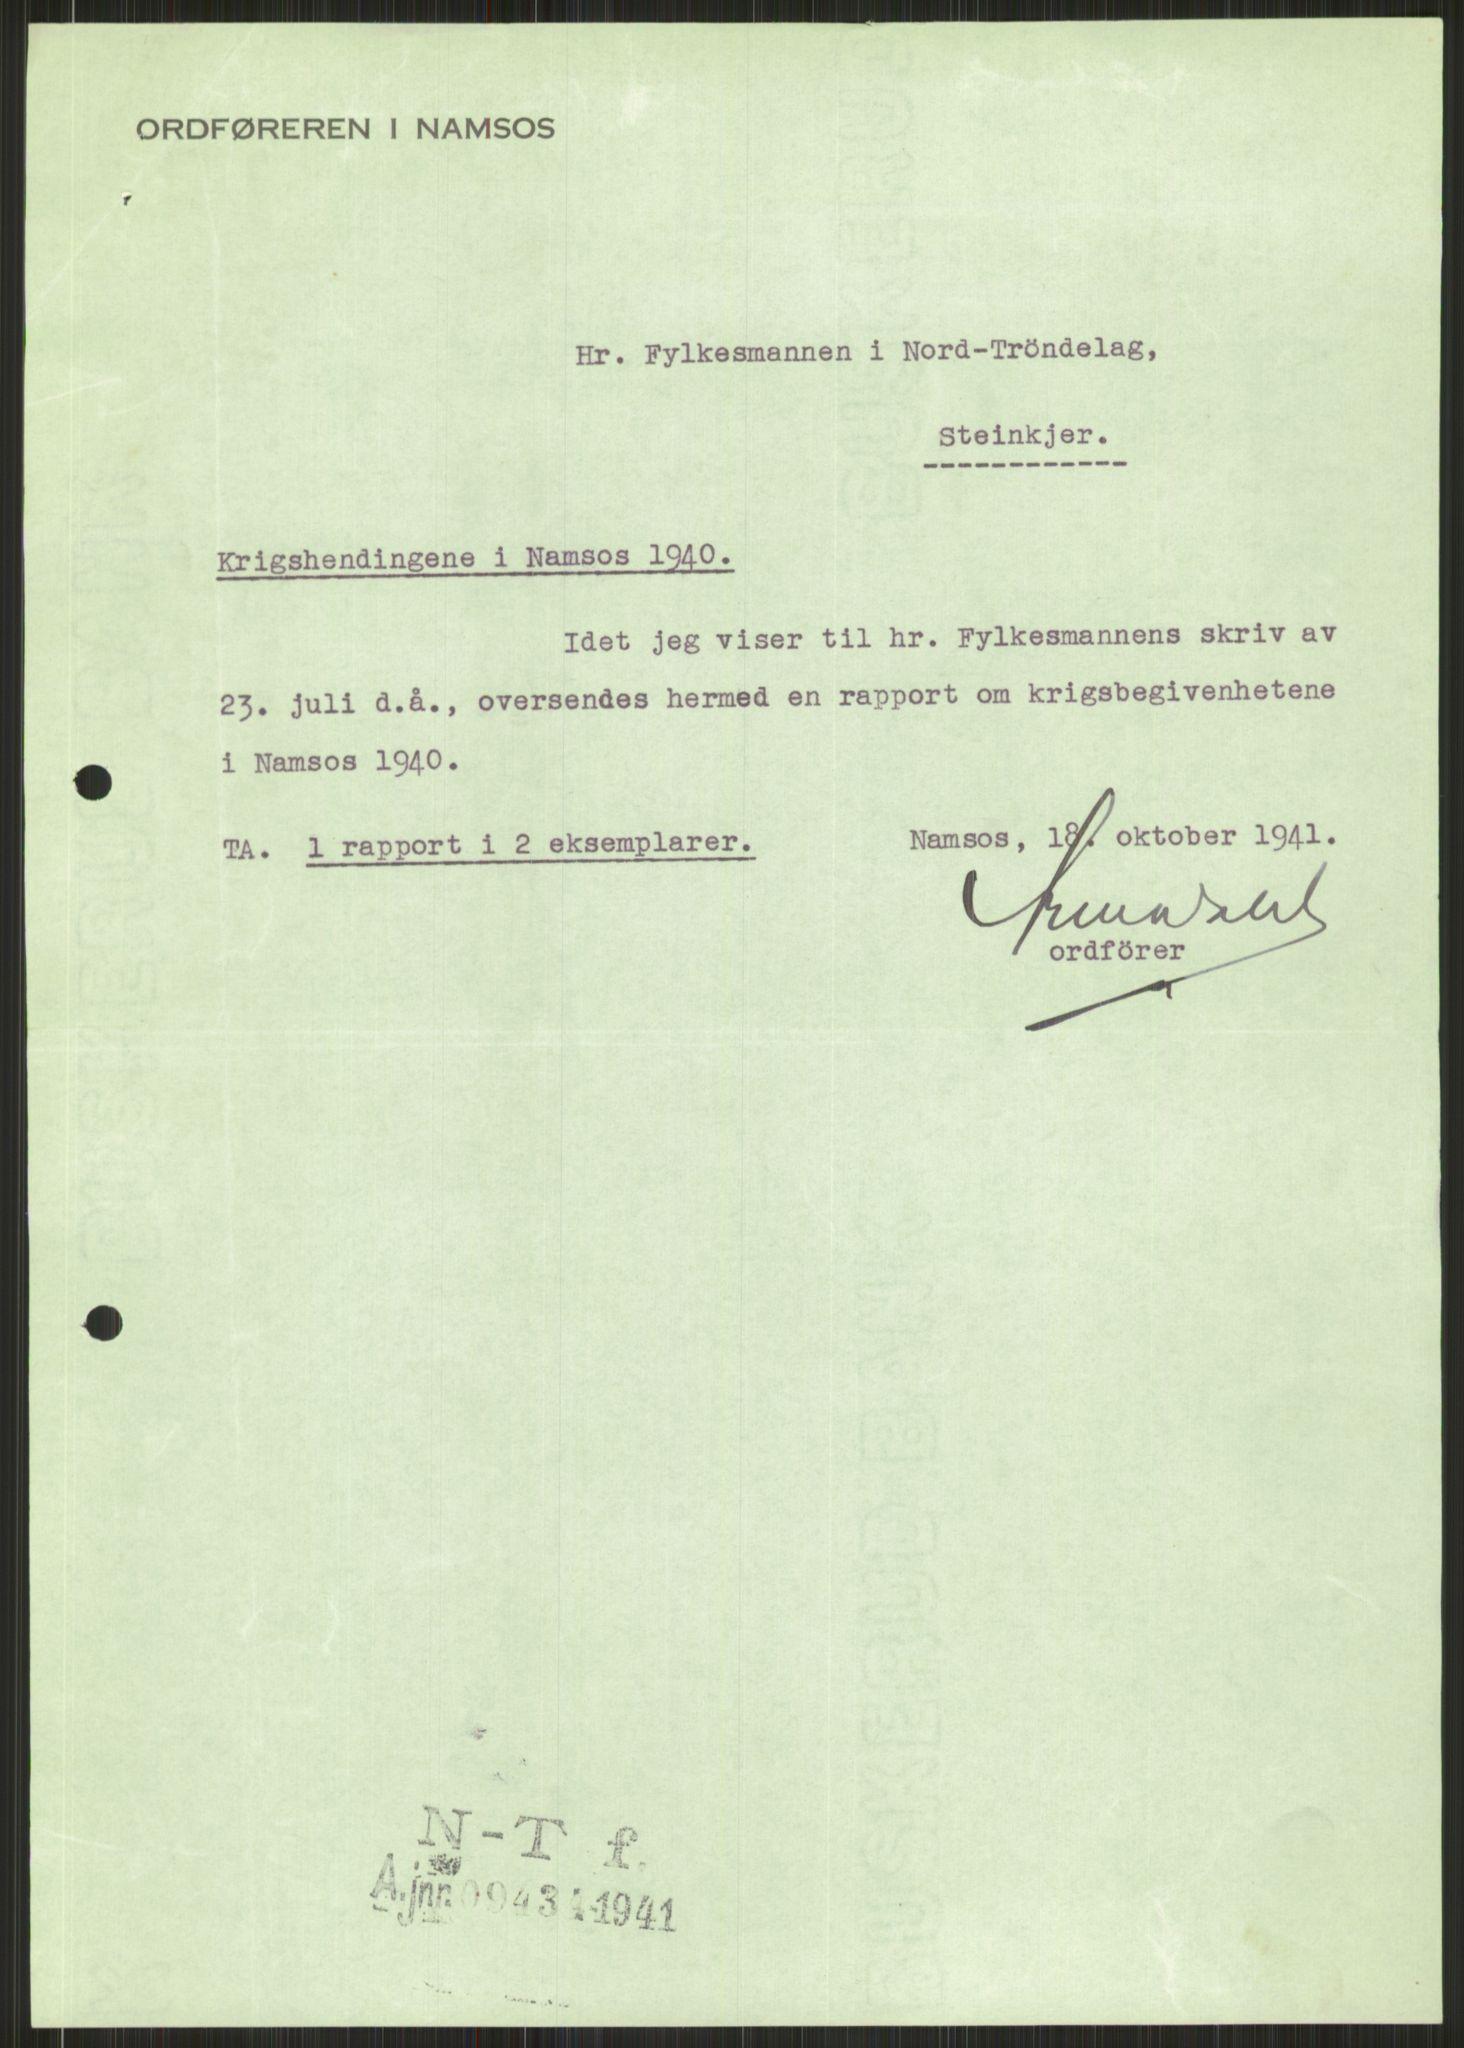 RA, Forsvaret, Forsvarets krigshistoriske avdeling, Y/Ya/L0016: II-C-11-31 - Fylkesmenn.  Rapporter om krigsbegivenhetene 1940., 1940, s. 515